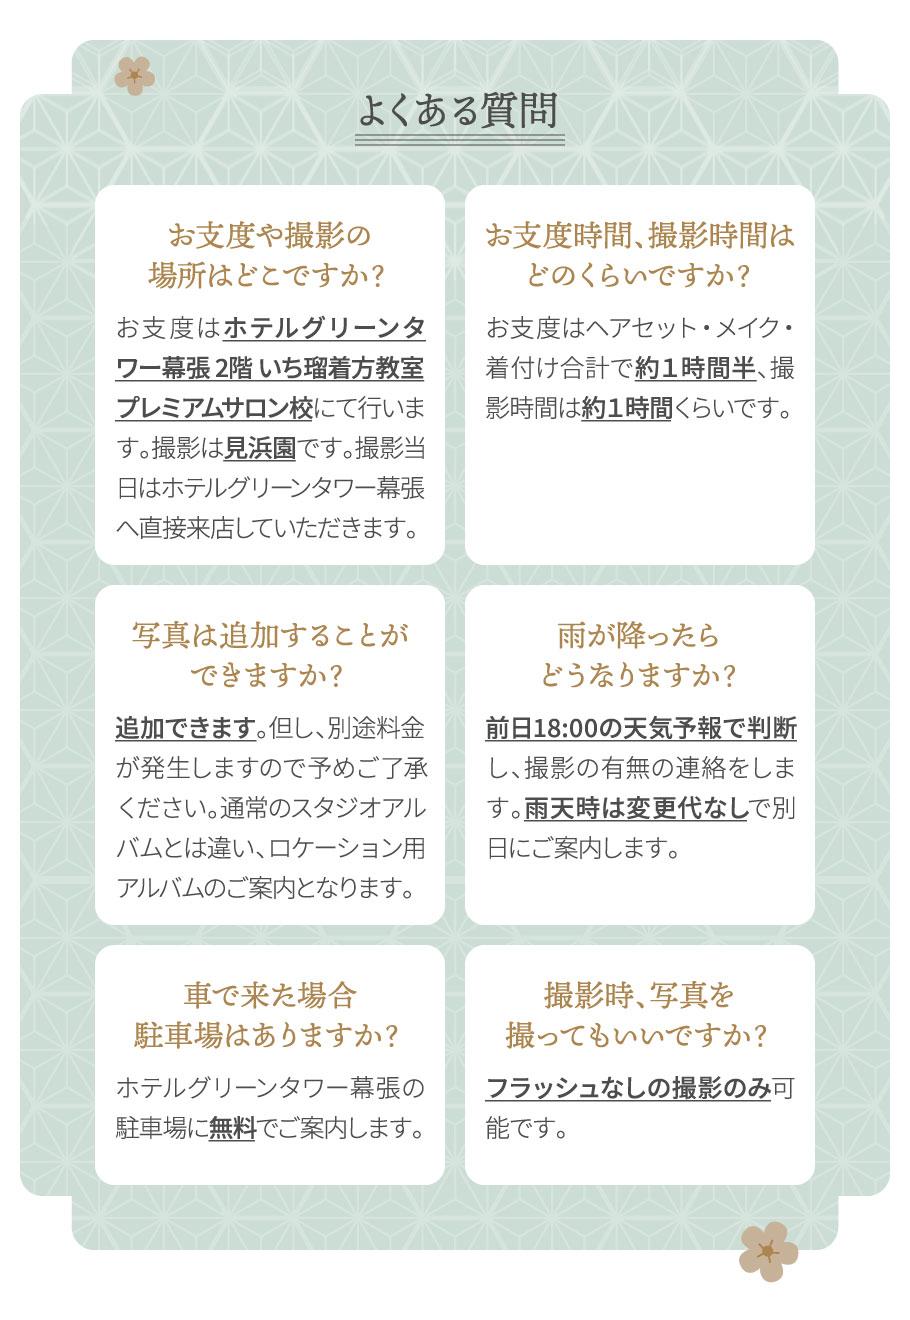 ロケーション撮影 in 見浜園よくある質問,QA